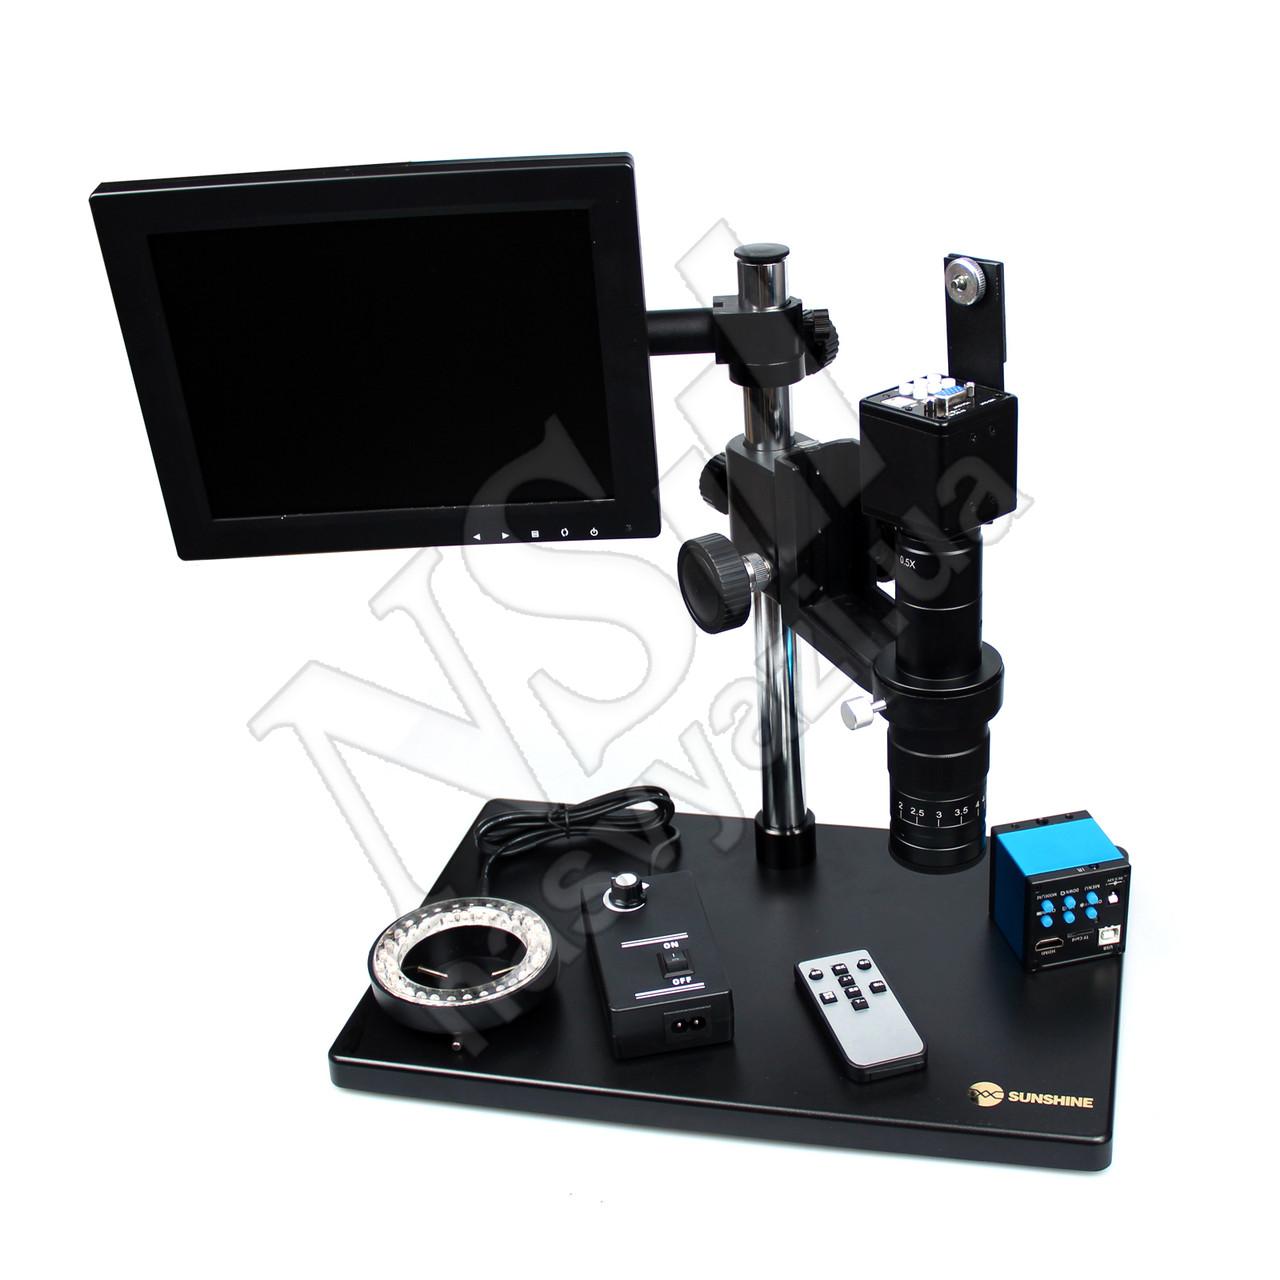 Микроскоп SUNSHINE MS10E-03 (с ЖК Экраном) цифровой, электронный, HDMI + подсветка